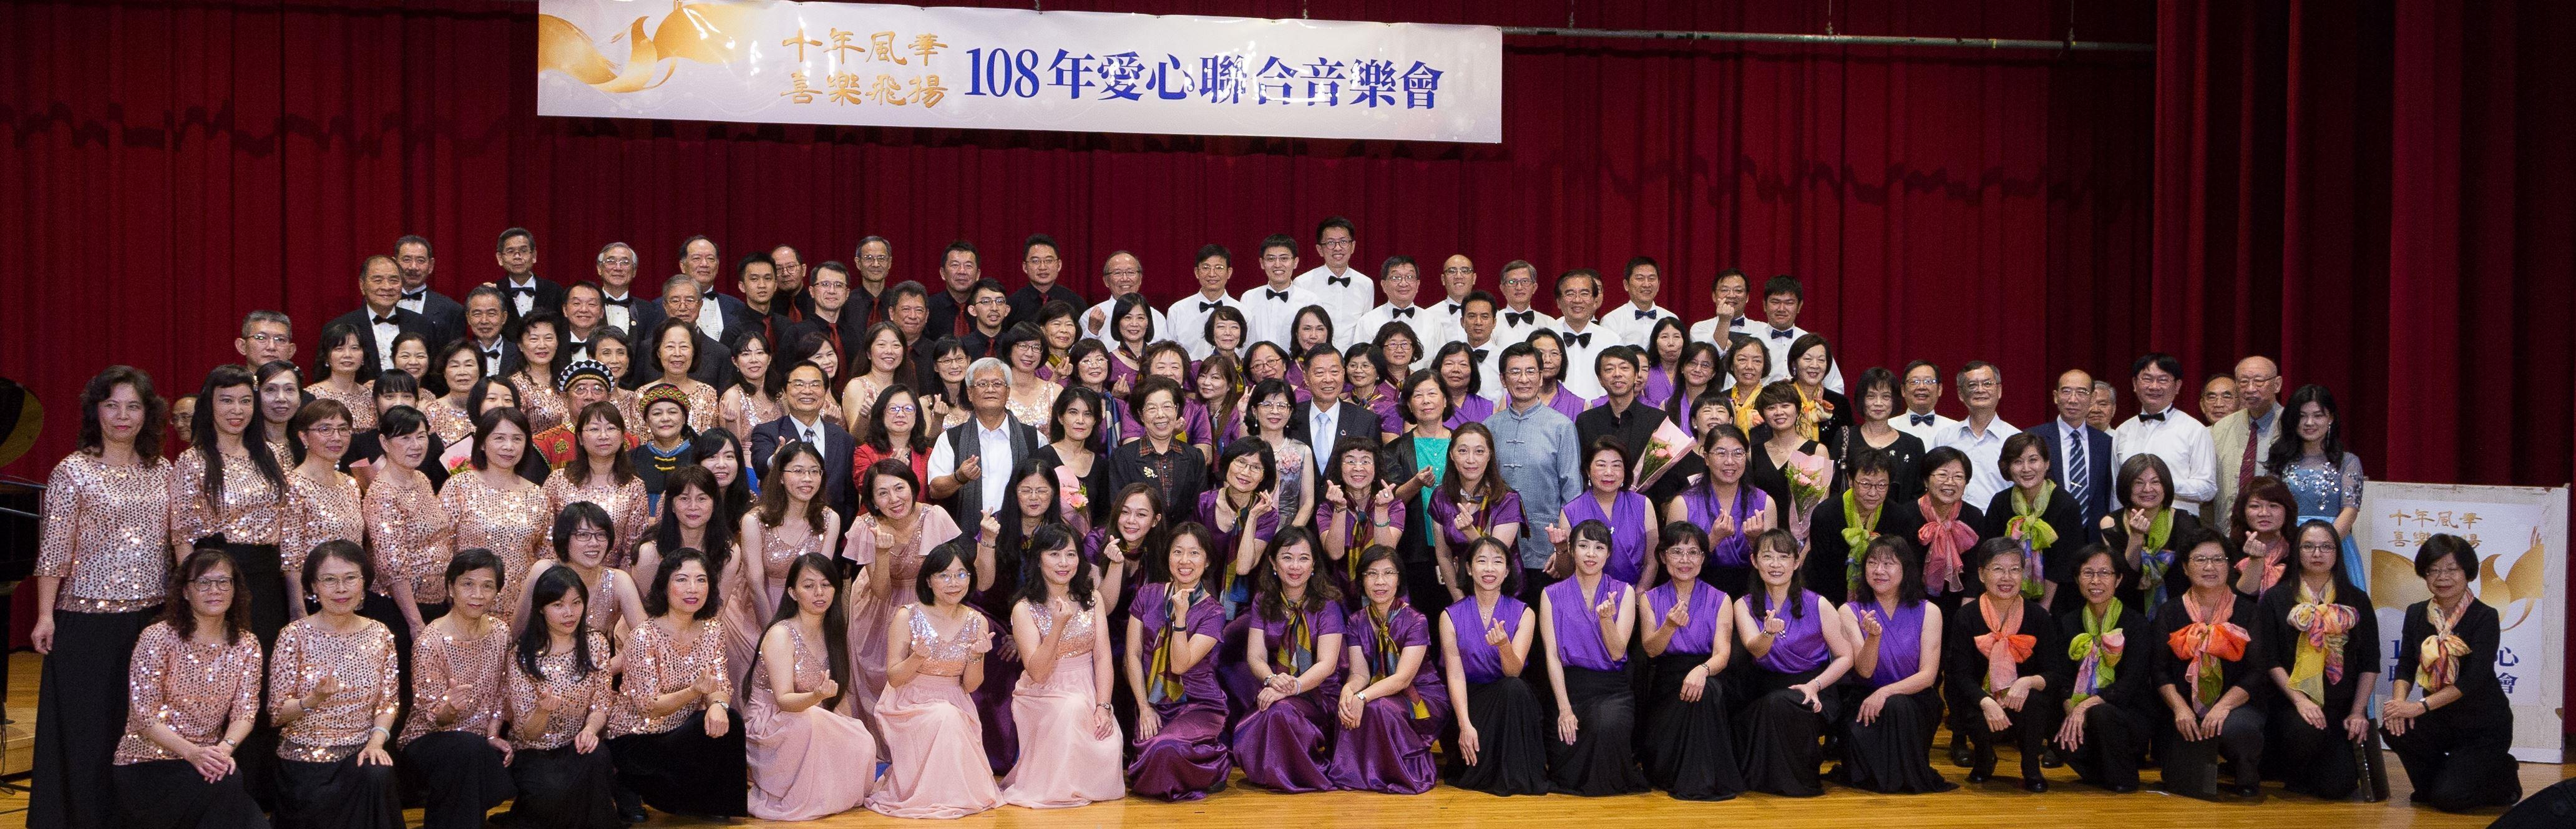 108年11月2日監察院合唱團與愛心會邀請中央各機關合唱團舉辦第10屆愛心聯合音樂會